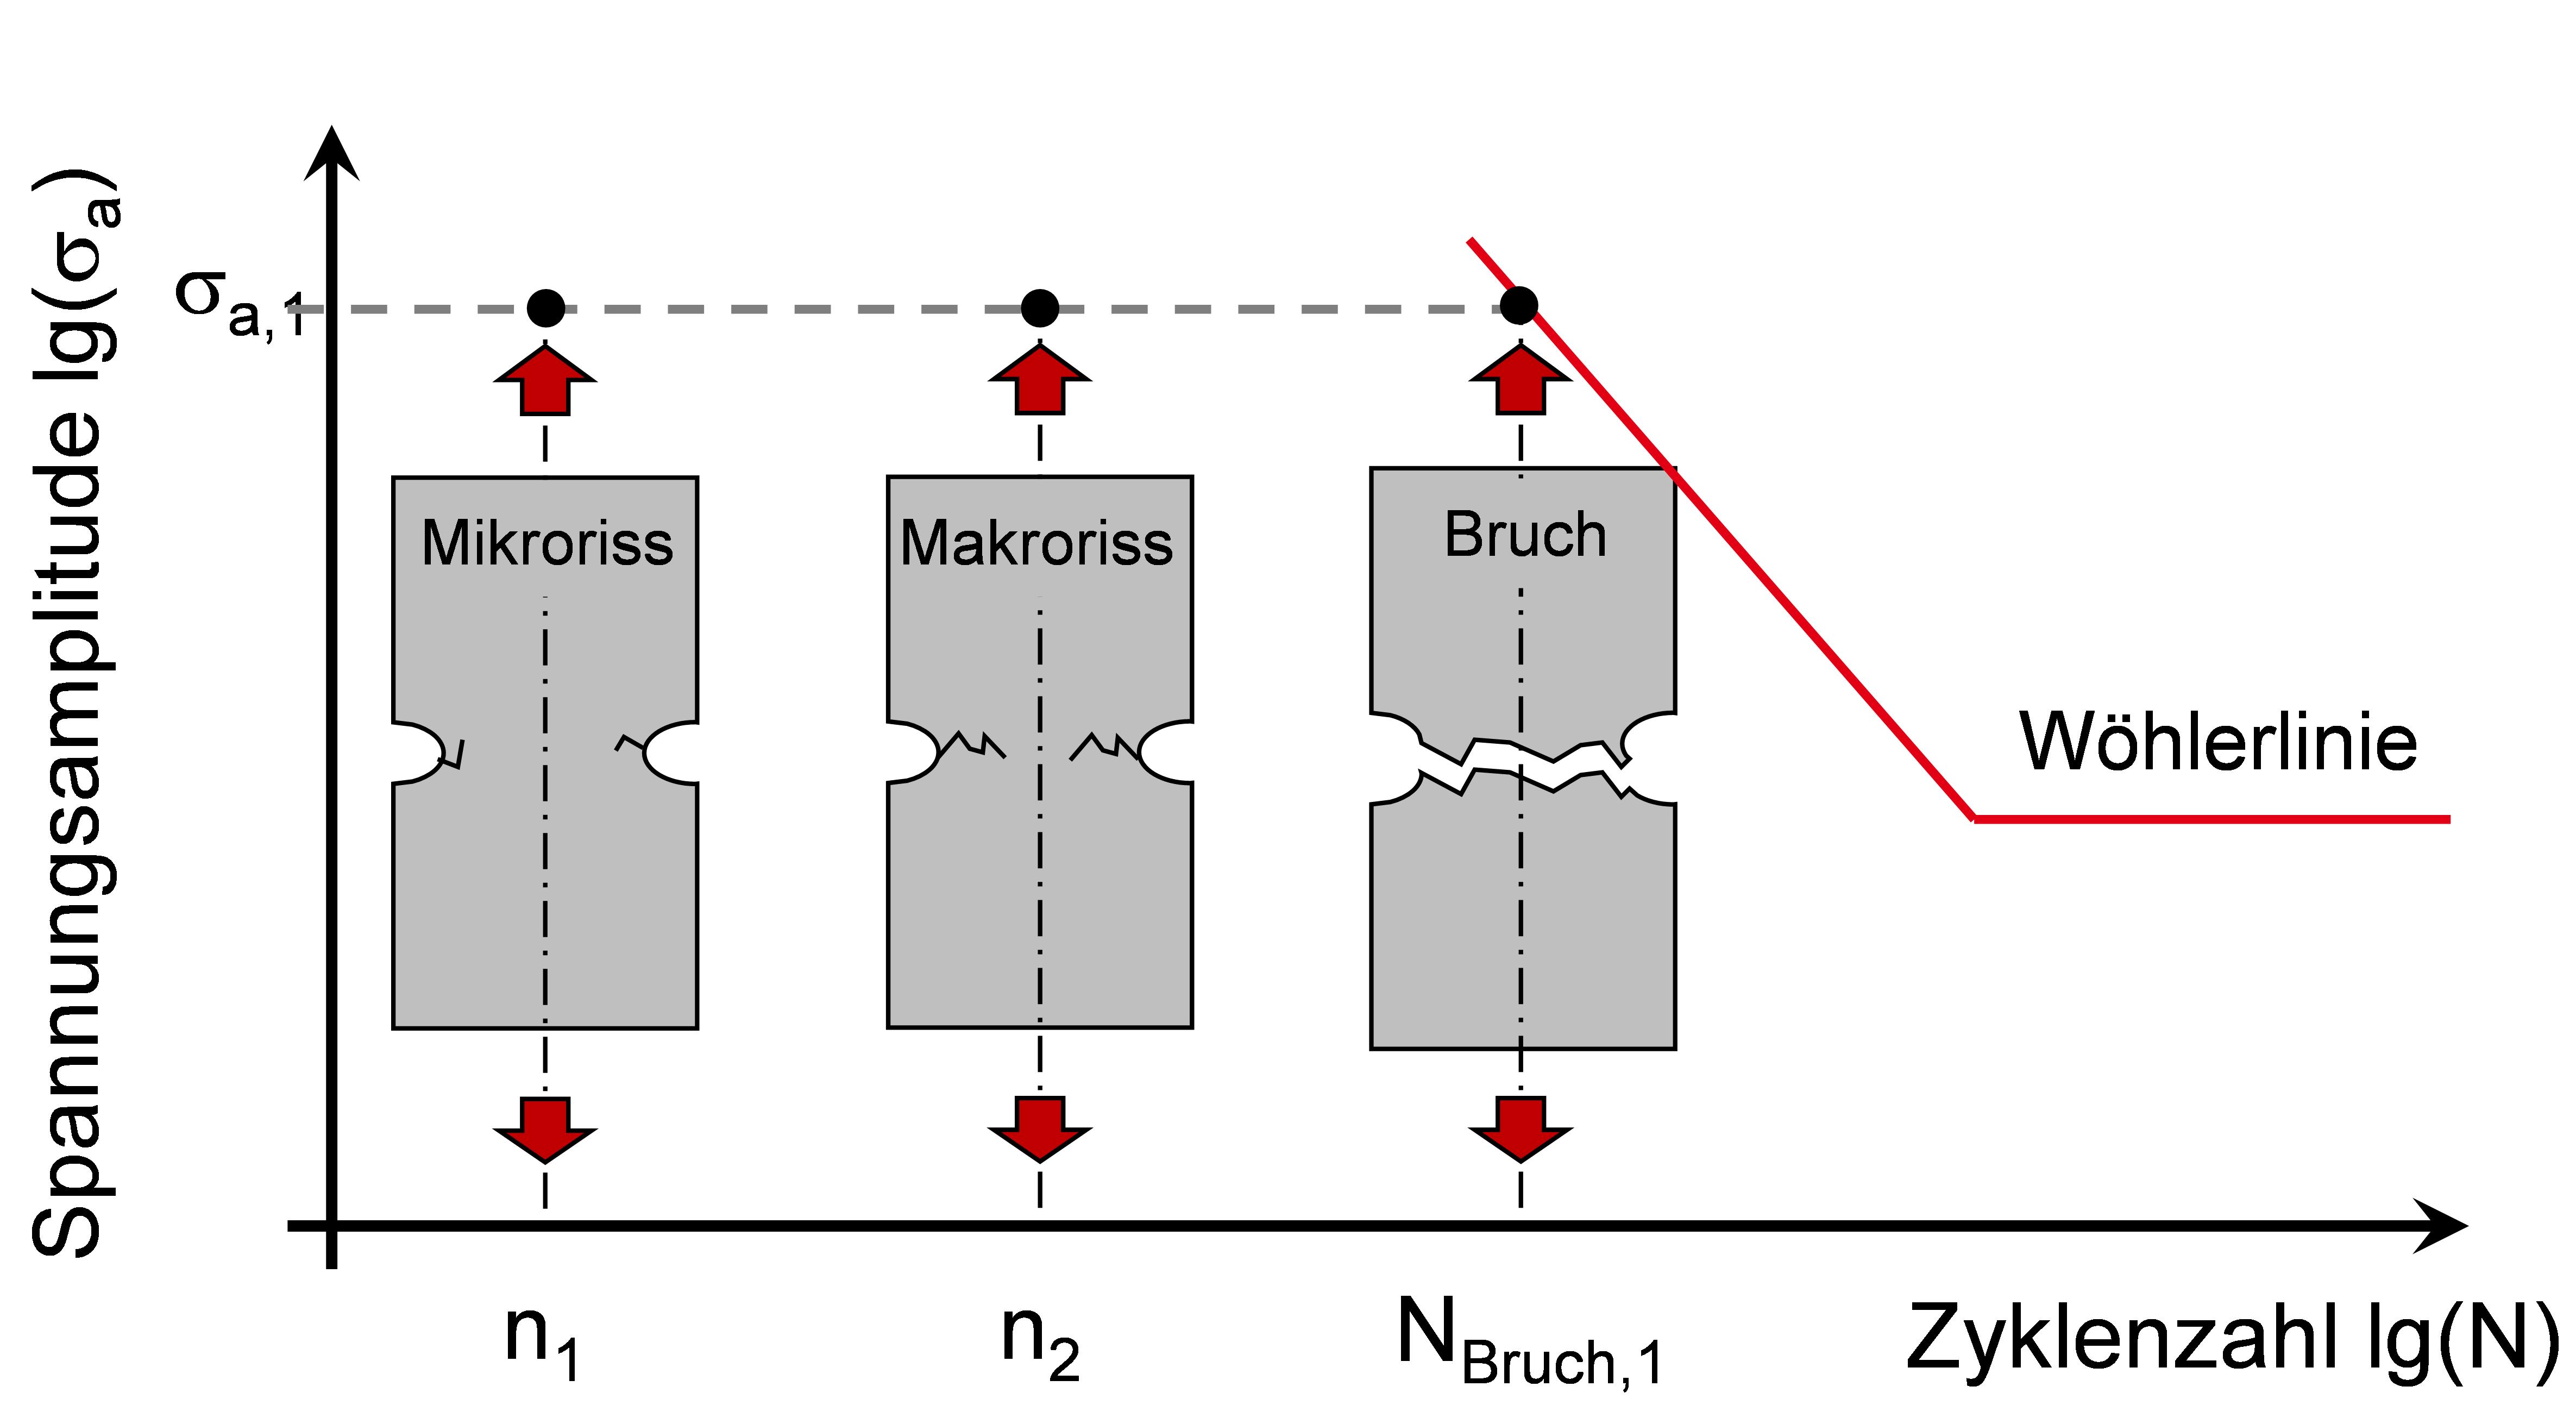 Phasen Rissfortschritt bei einer Wöhlerlinie